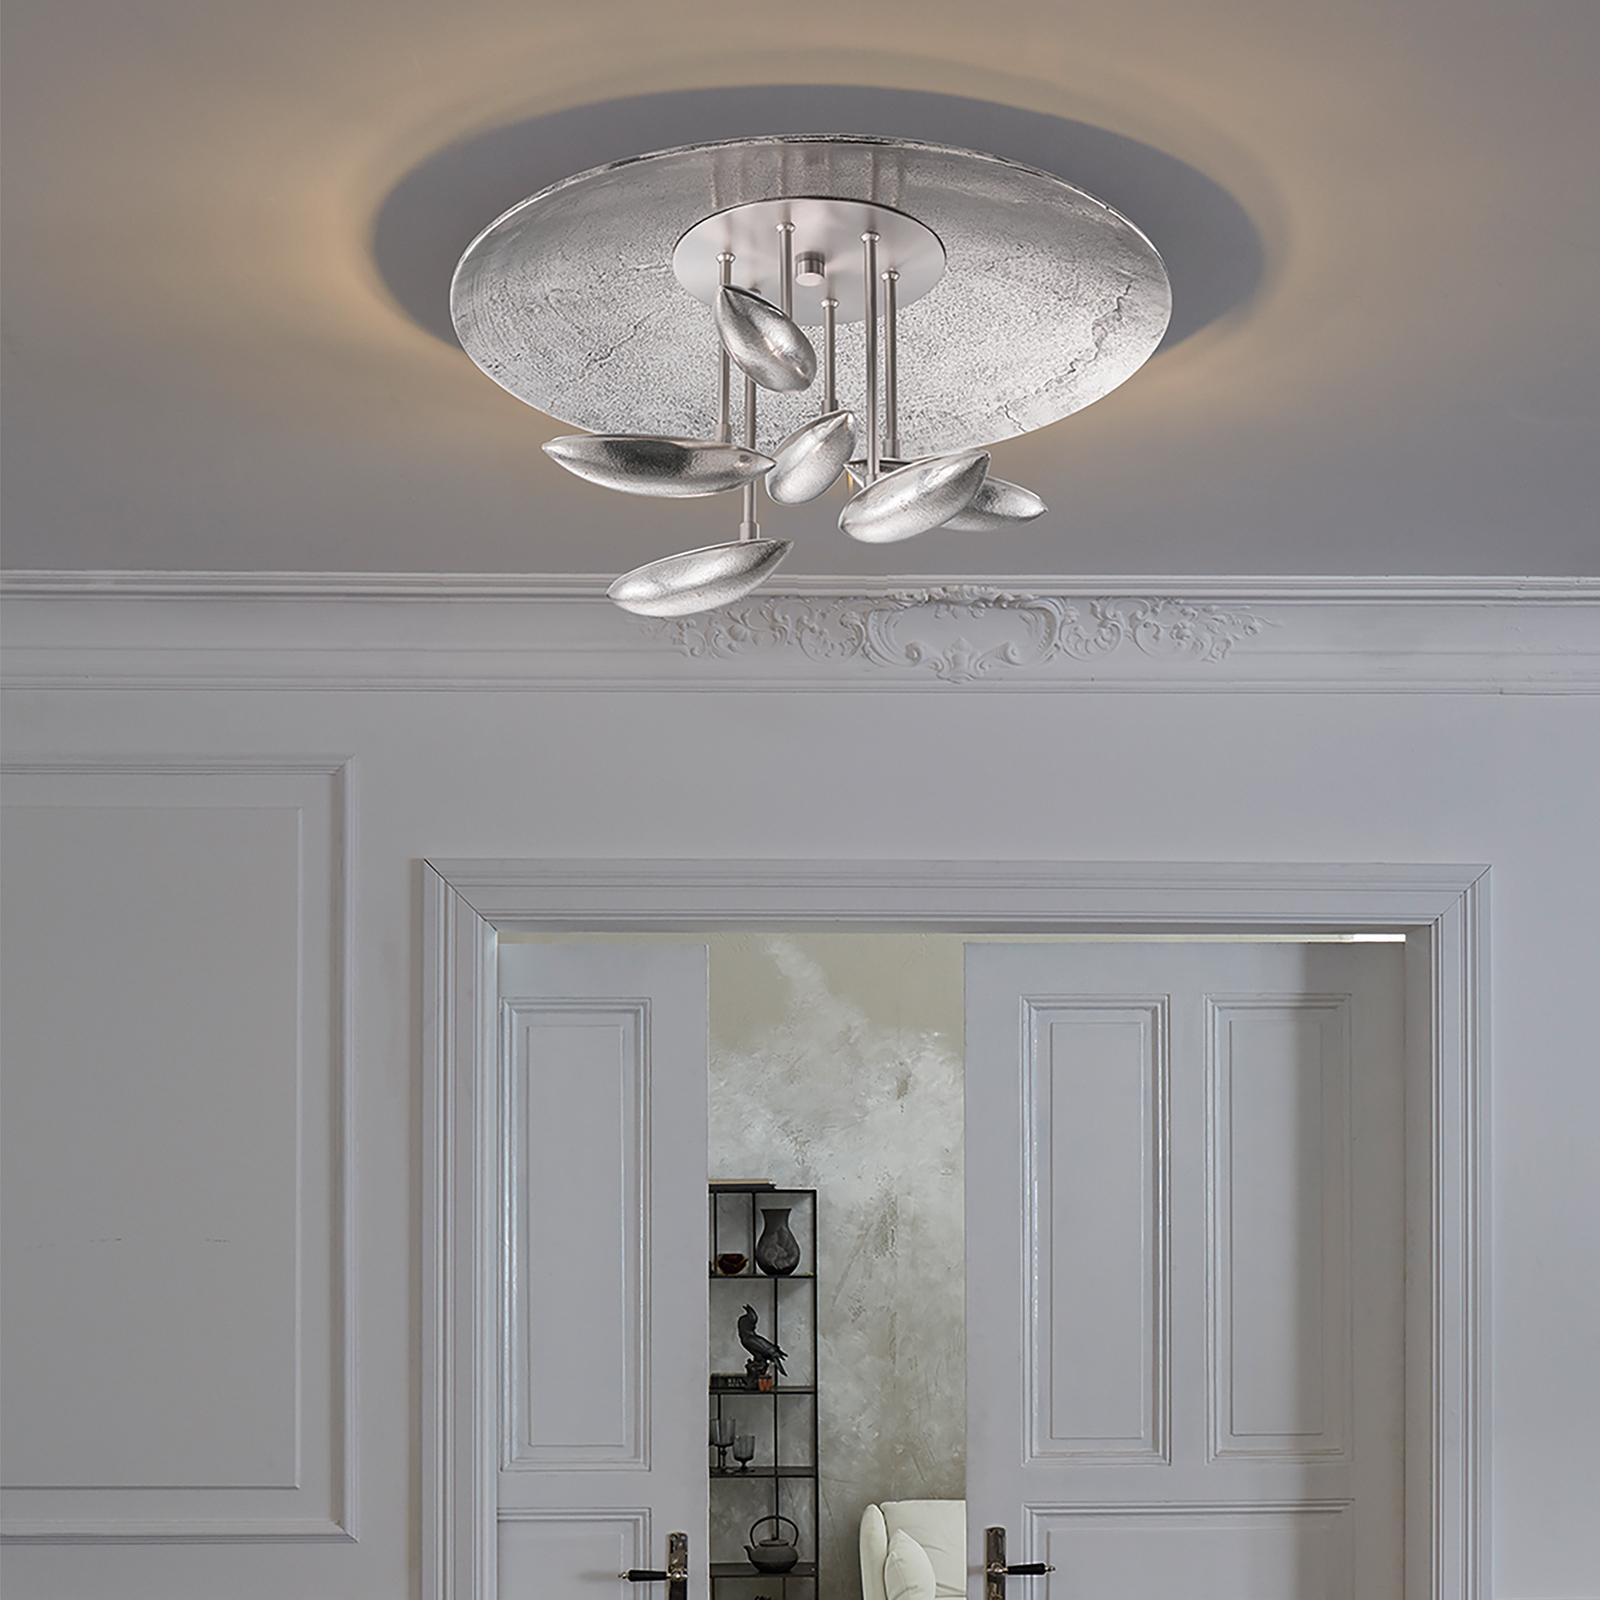 In lichtkleur verst. LED plafondlamp Forla Ø 50